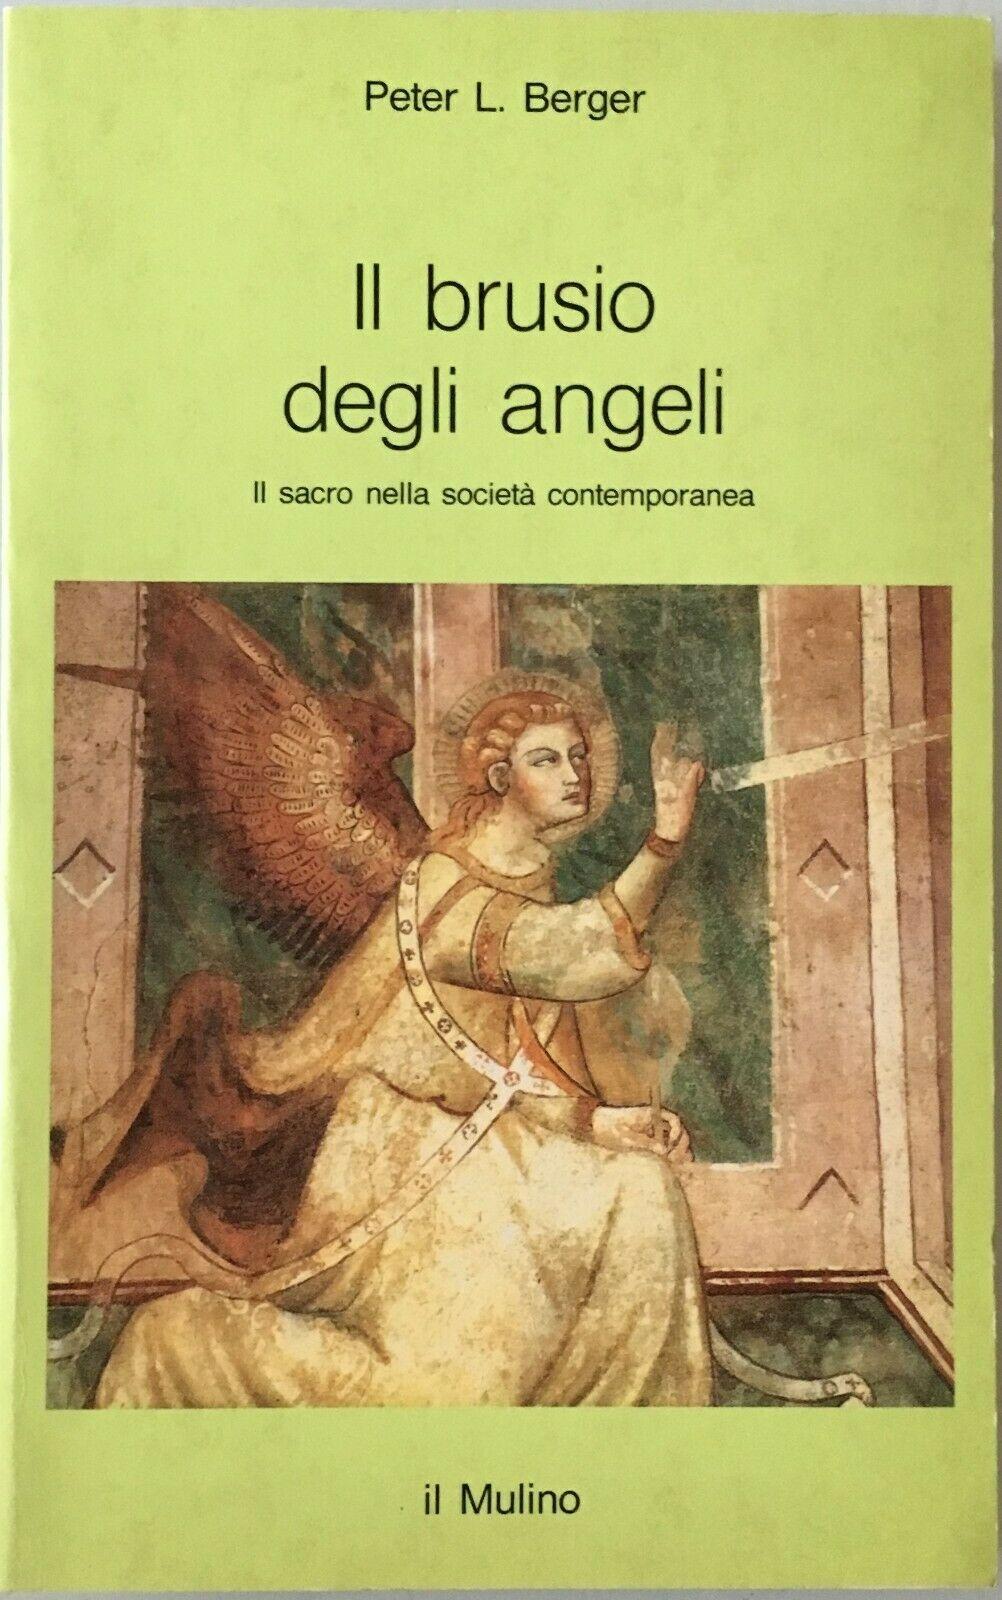 Il brusio degli angeli